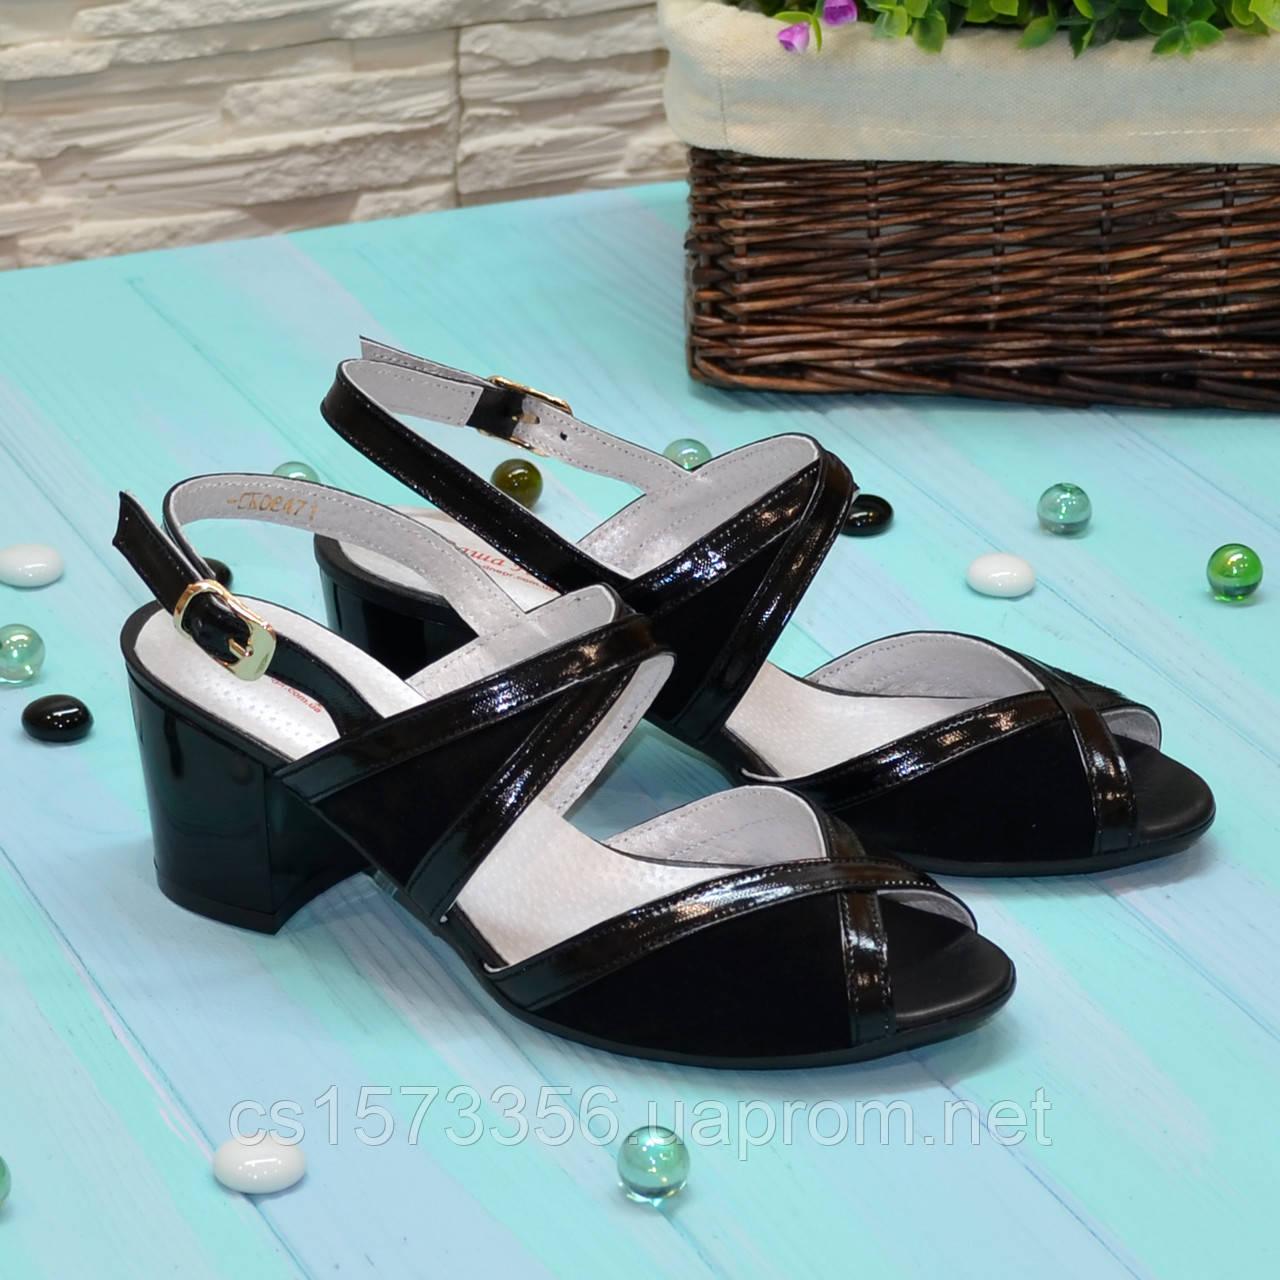 e2add287e Женские черные босоножки на устойчивом каблуке, натуральная замша и лаковая  кожа.